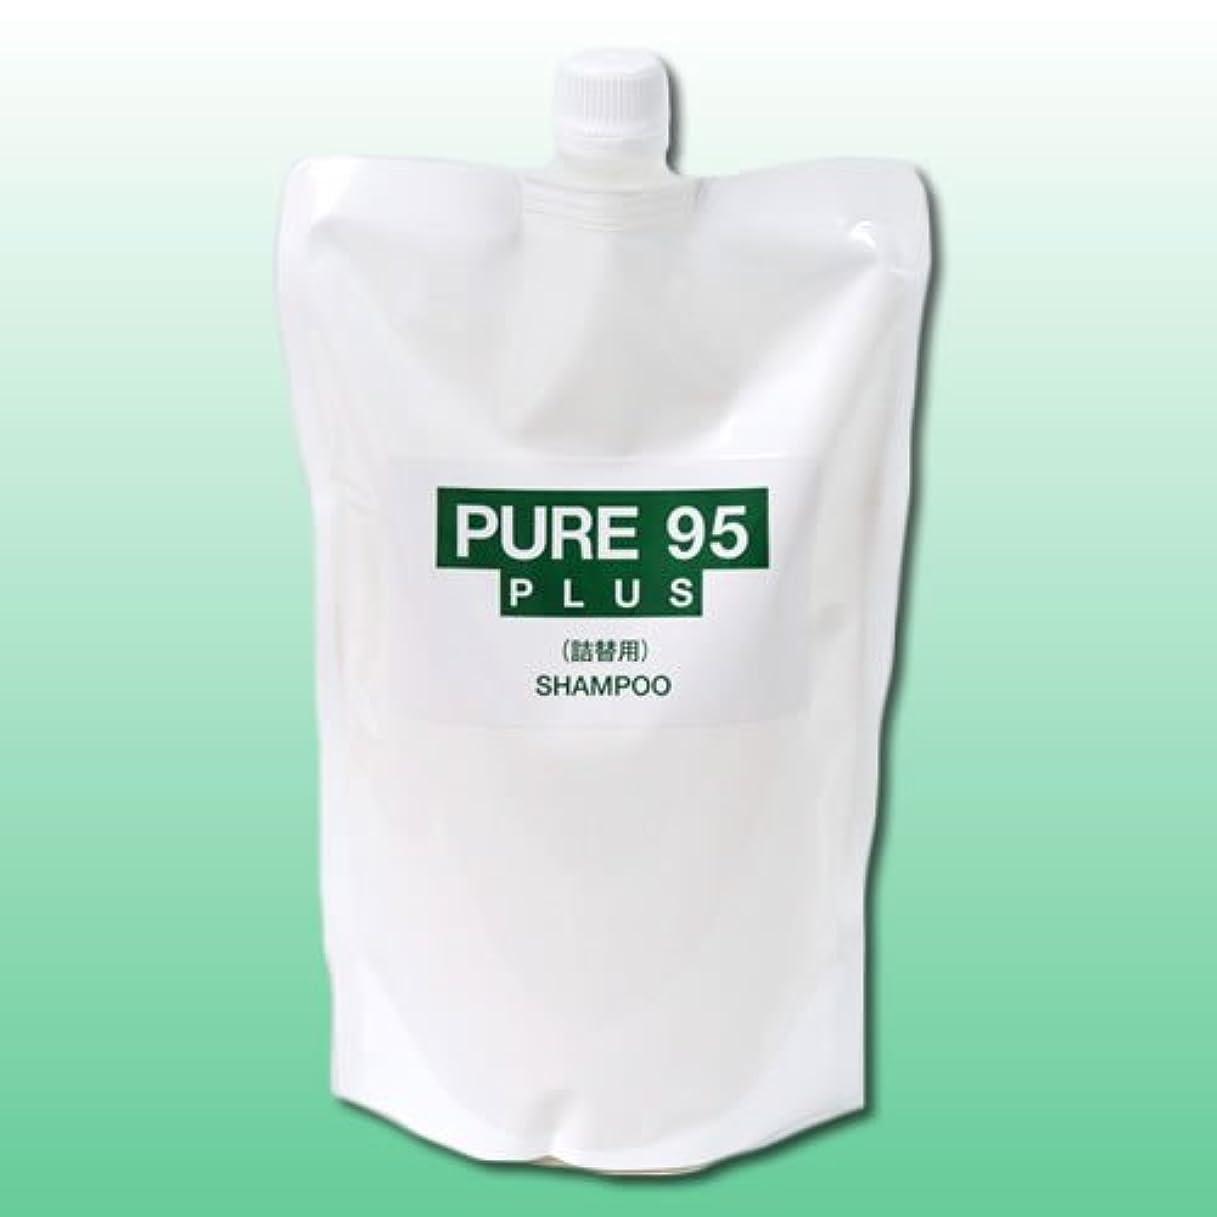 服を片付ける急降下不潔パーミングジャパン PURE95(ピュア95) プラスシャンプー 700ml (草原の香り) 詰替用